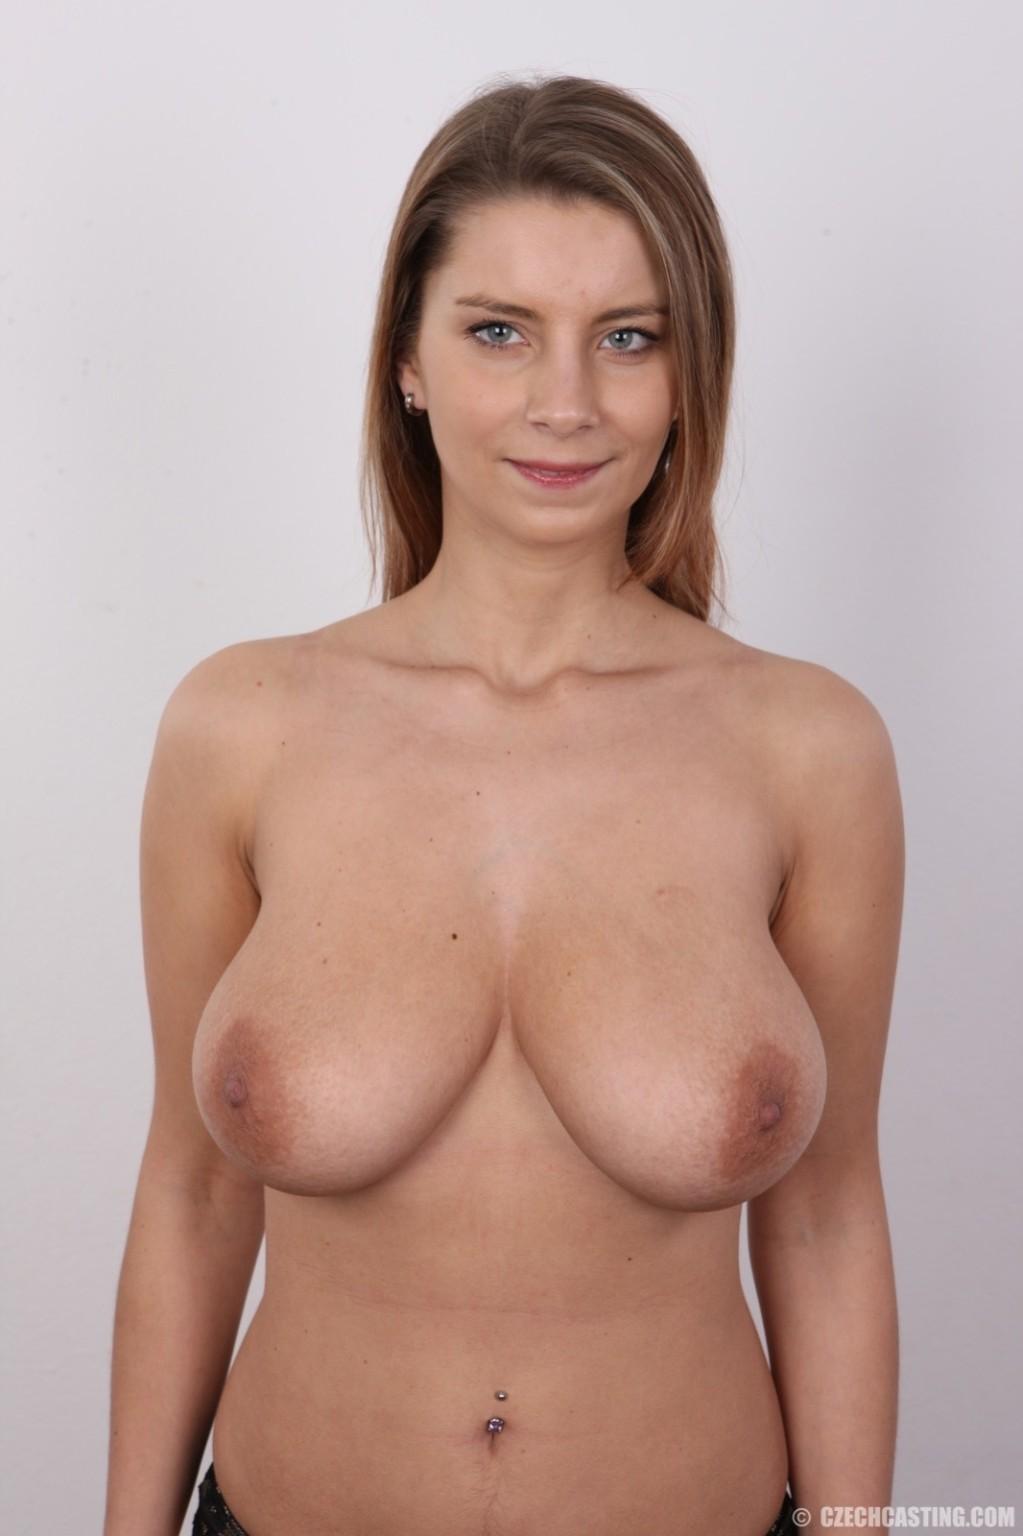 Real Big Natural Tits Homemade